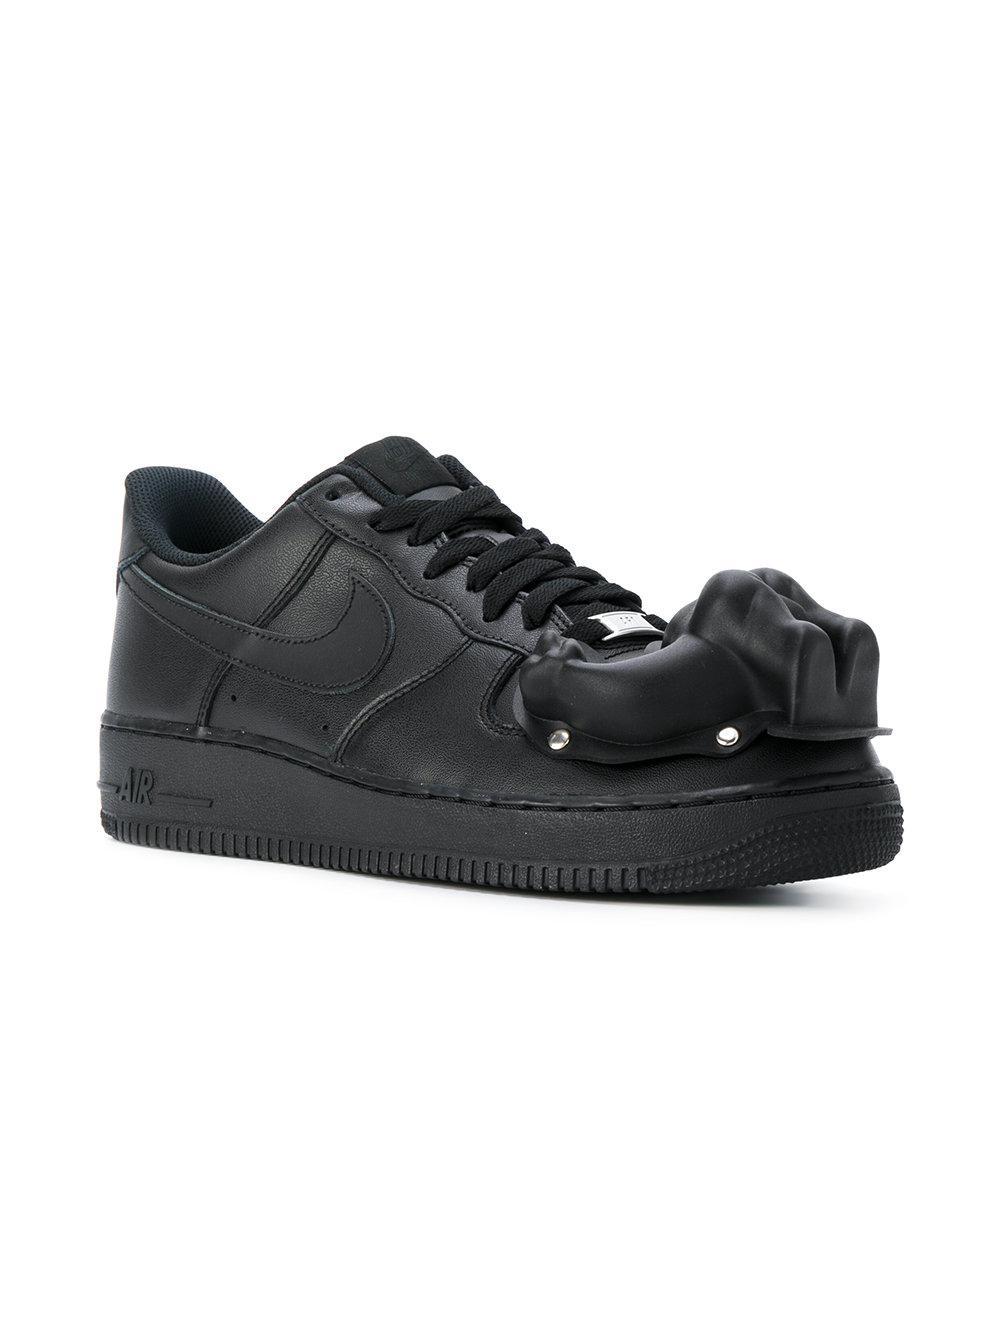 Comme Des Gar S Homme Shoes Farfetch